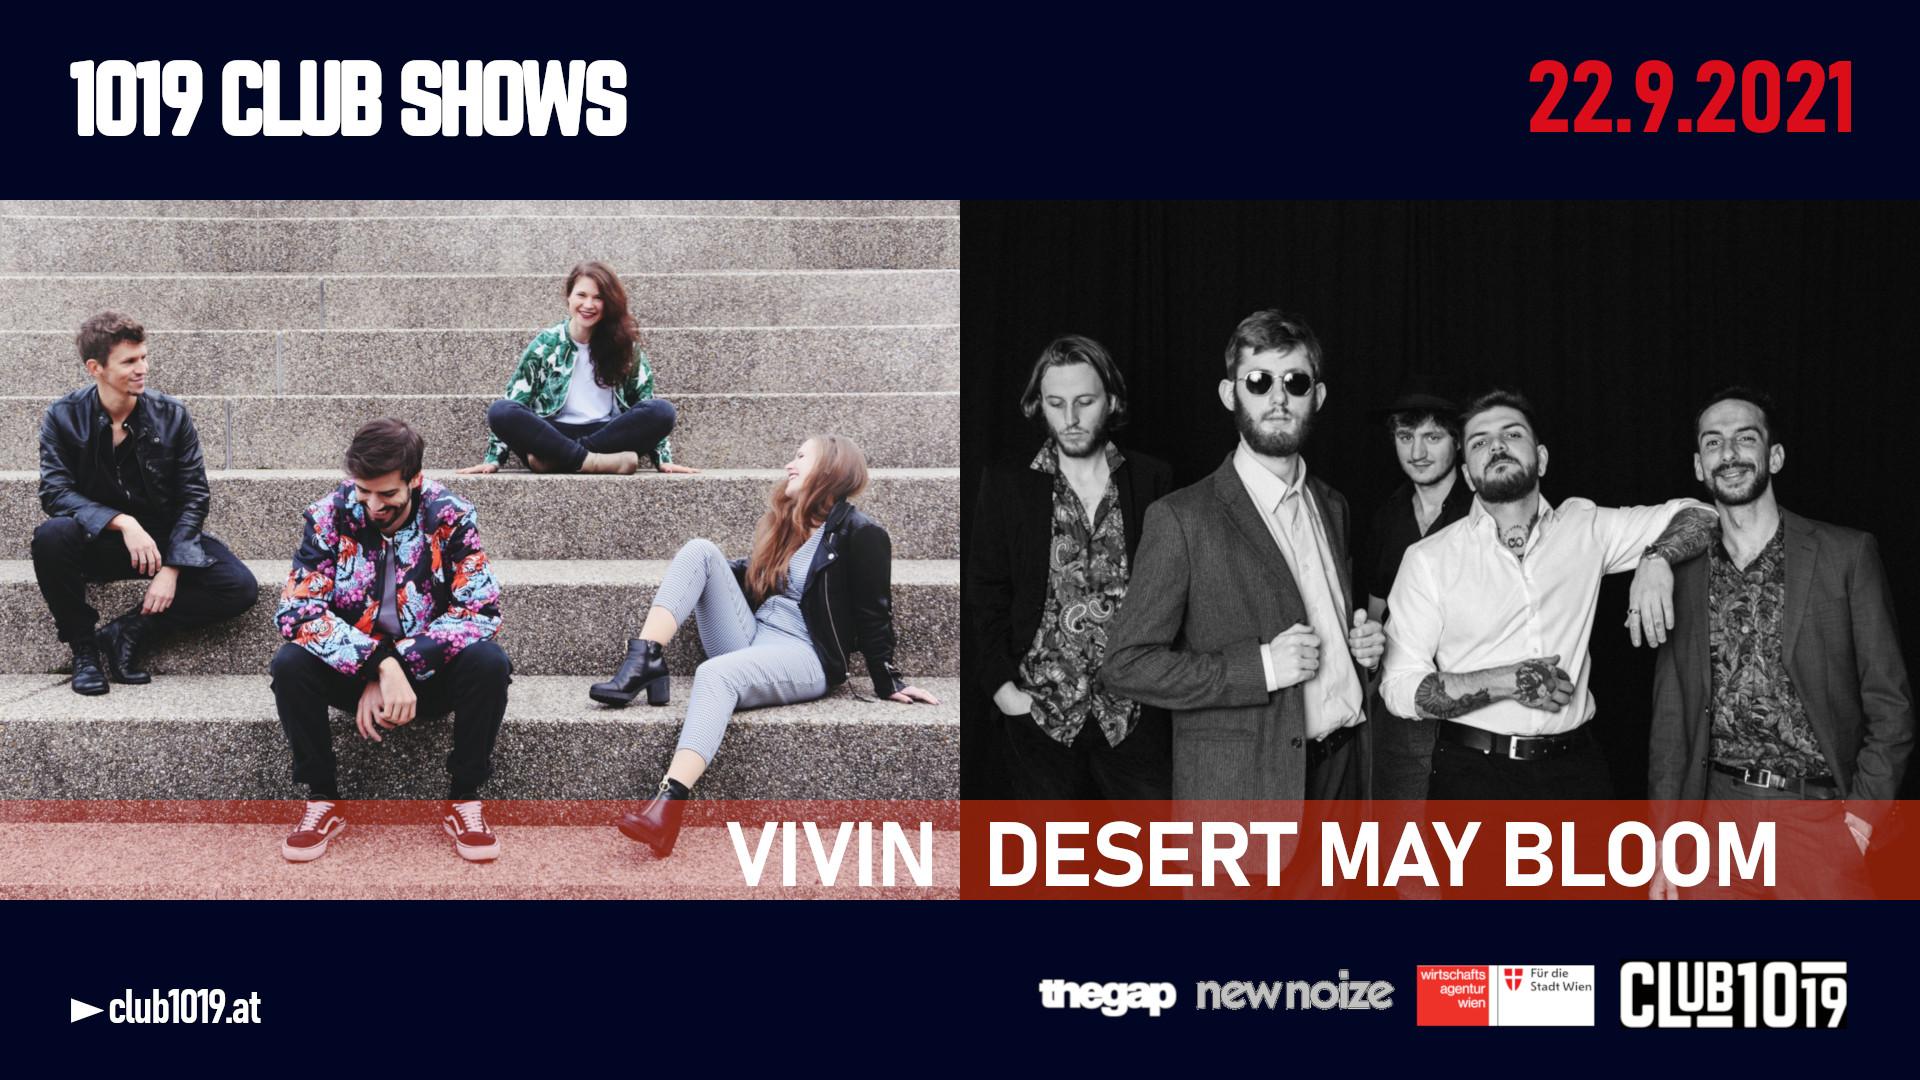 Vivin + Desert May Bloom 22.9.21 @ CLUB 1019